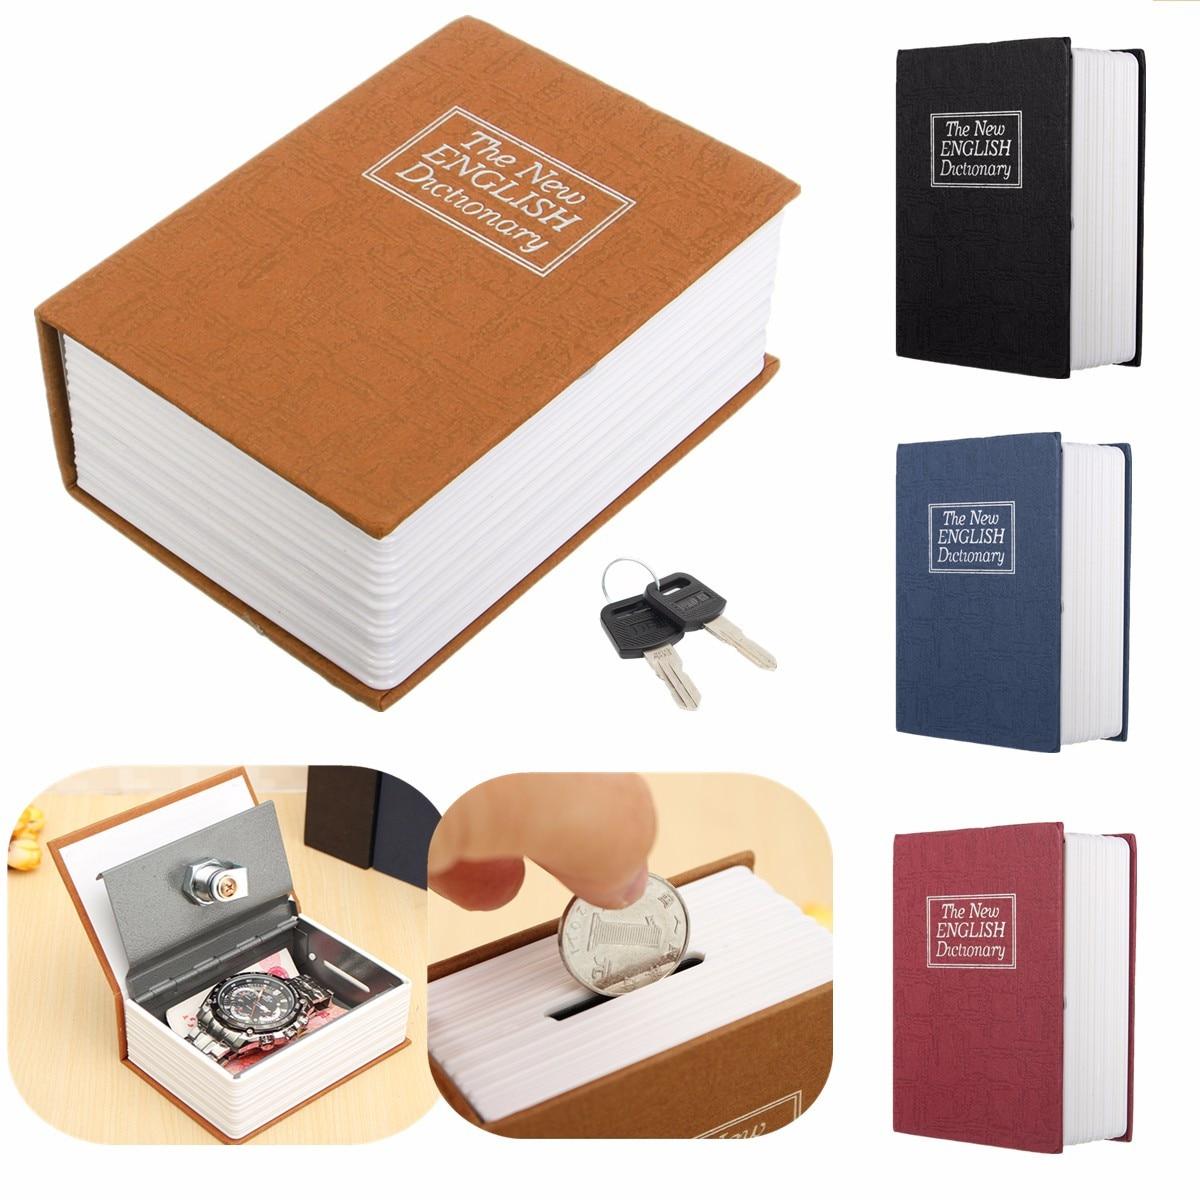 Мини-Сейф в форме книги, скрытый сейф, ключ, замок для денег, ювелирных изделий, хранилище, пароль, шкафчик